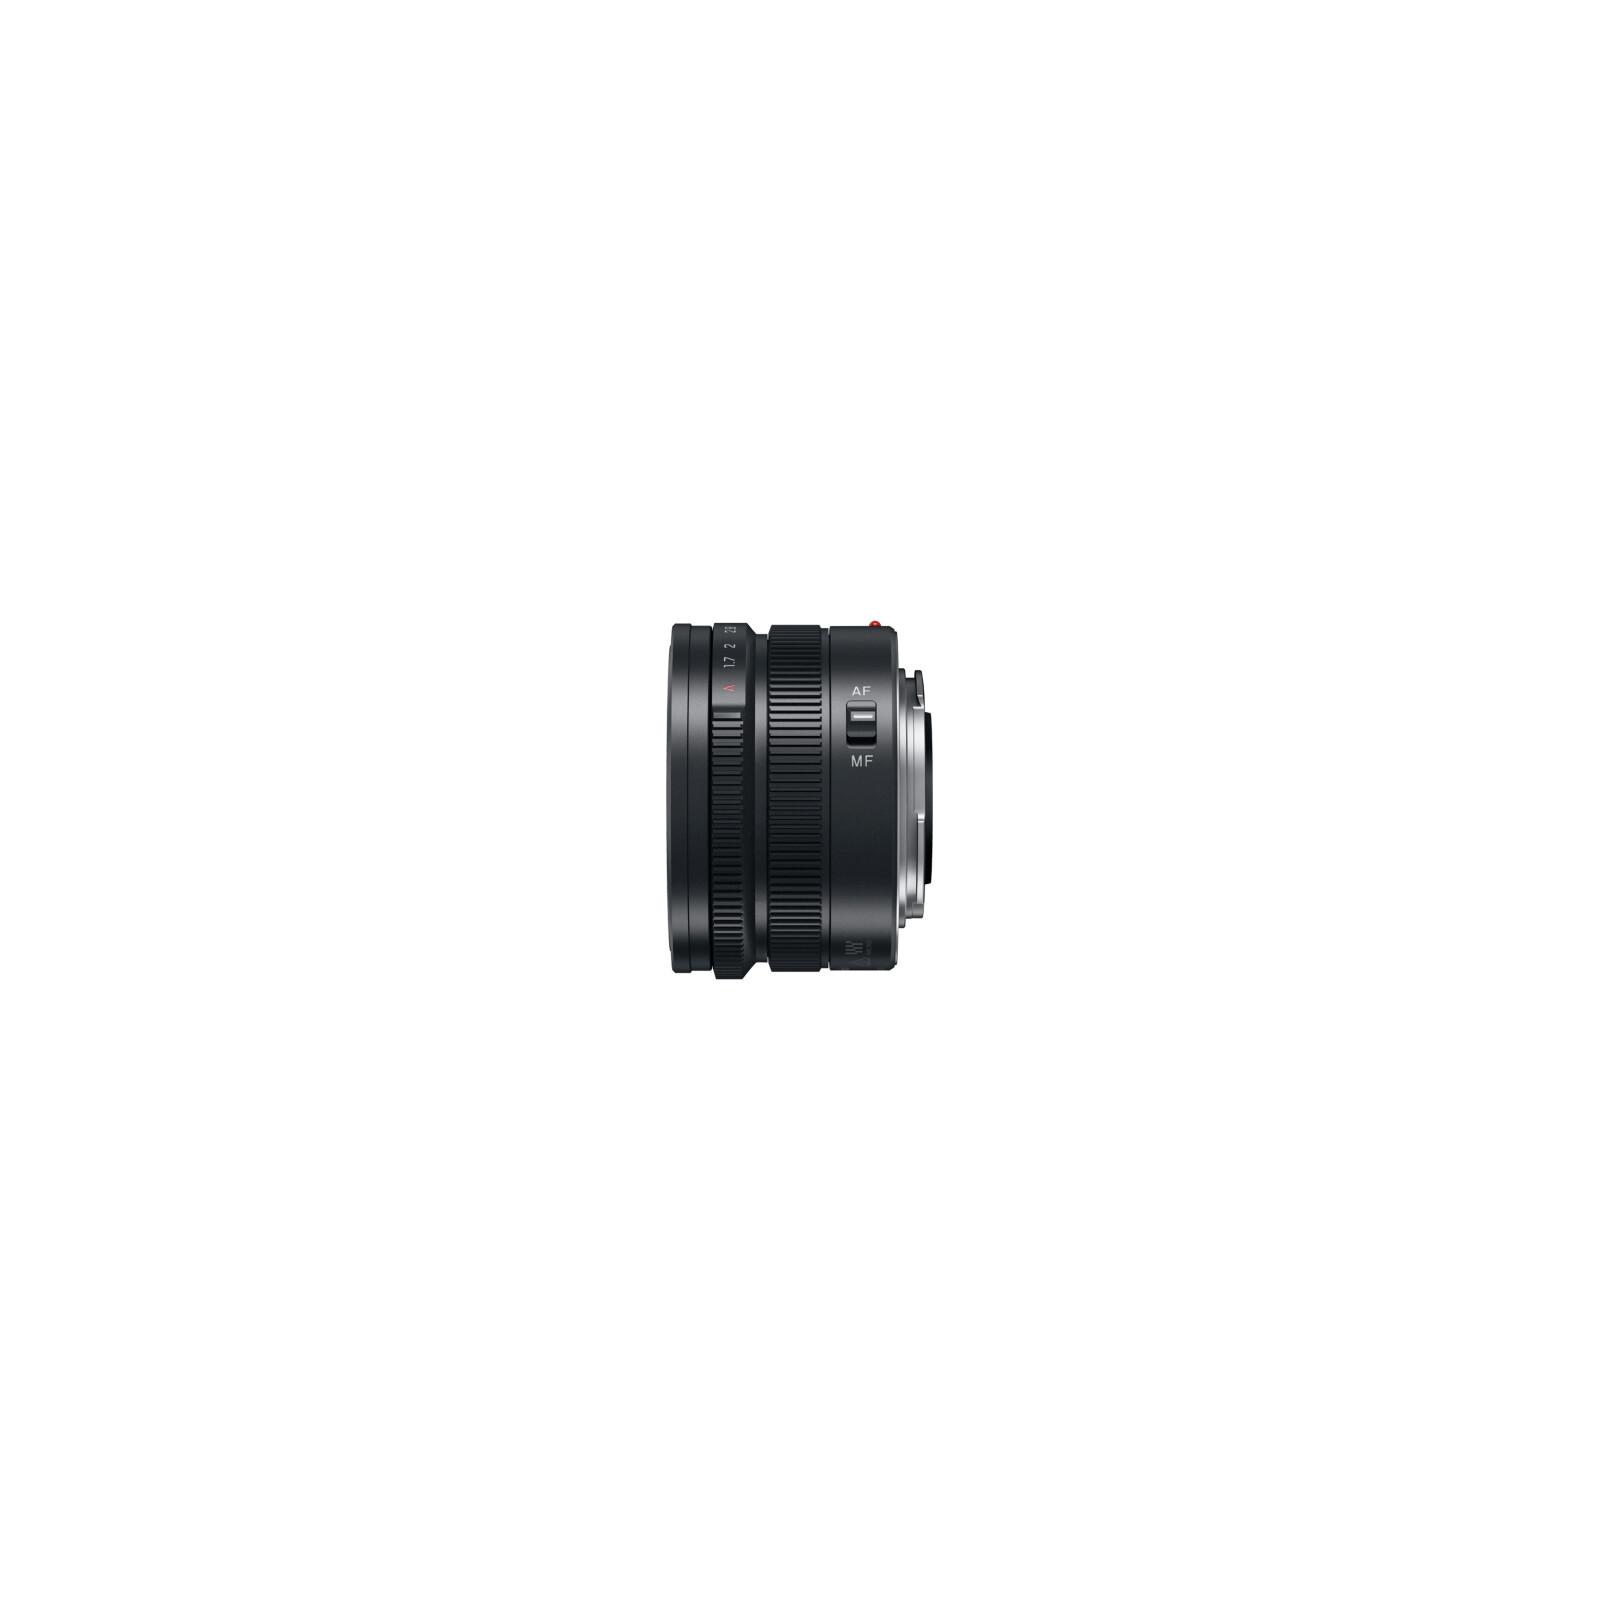 Panasonic 15/1,7 Leica DG Summilux